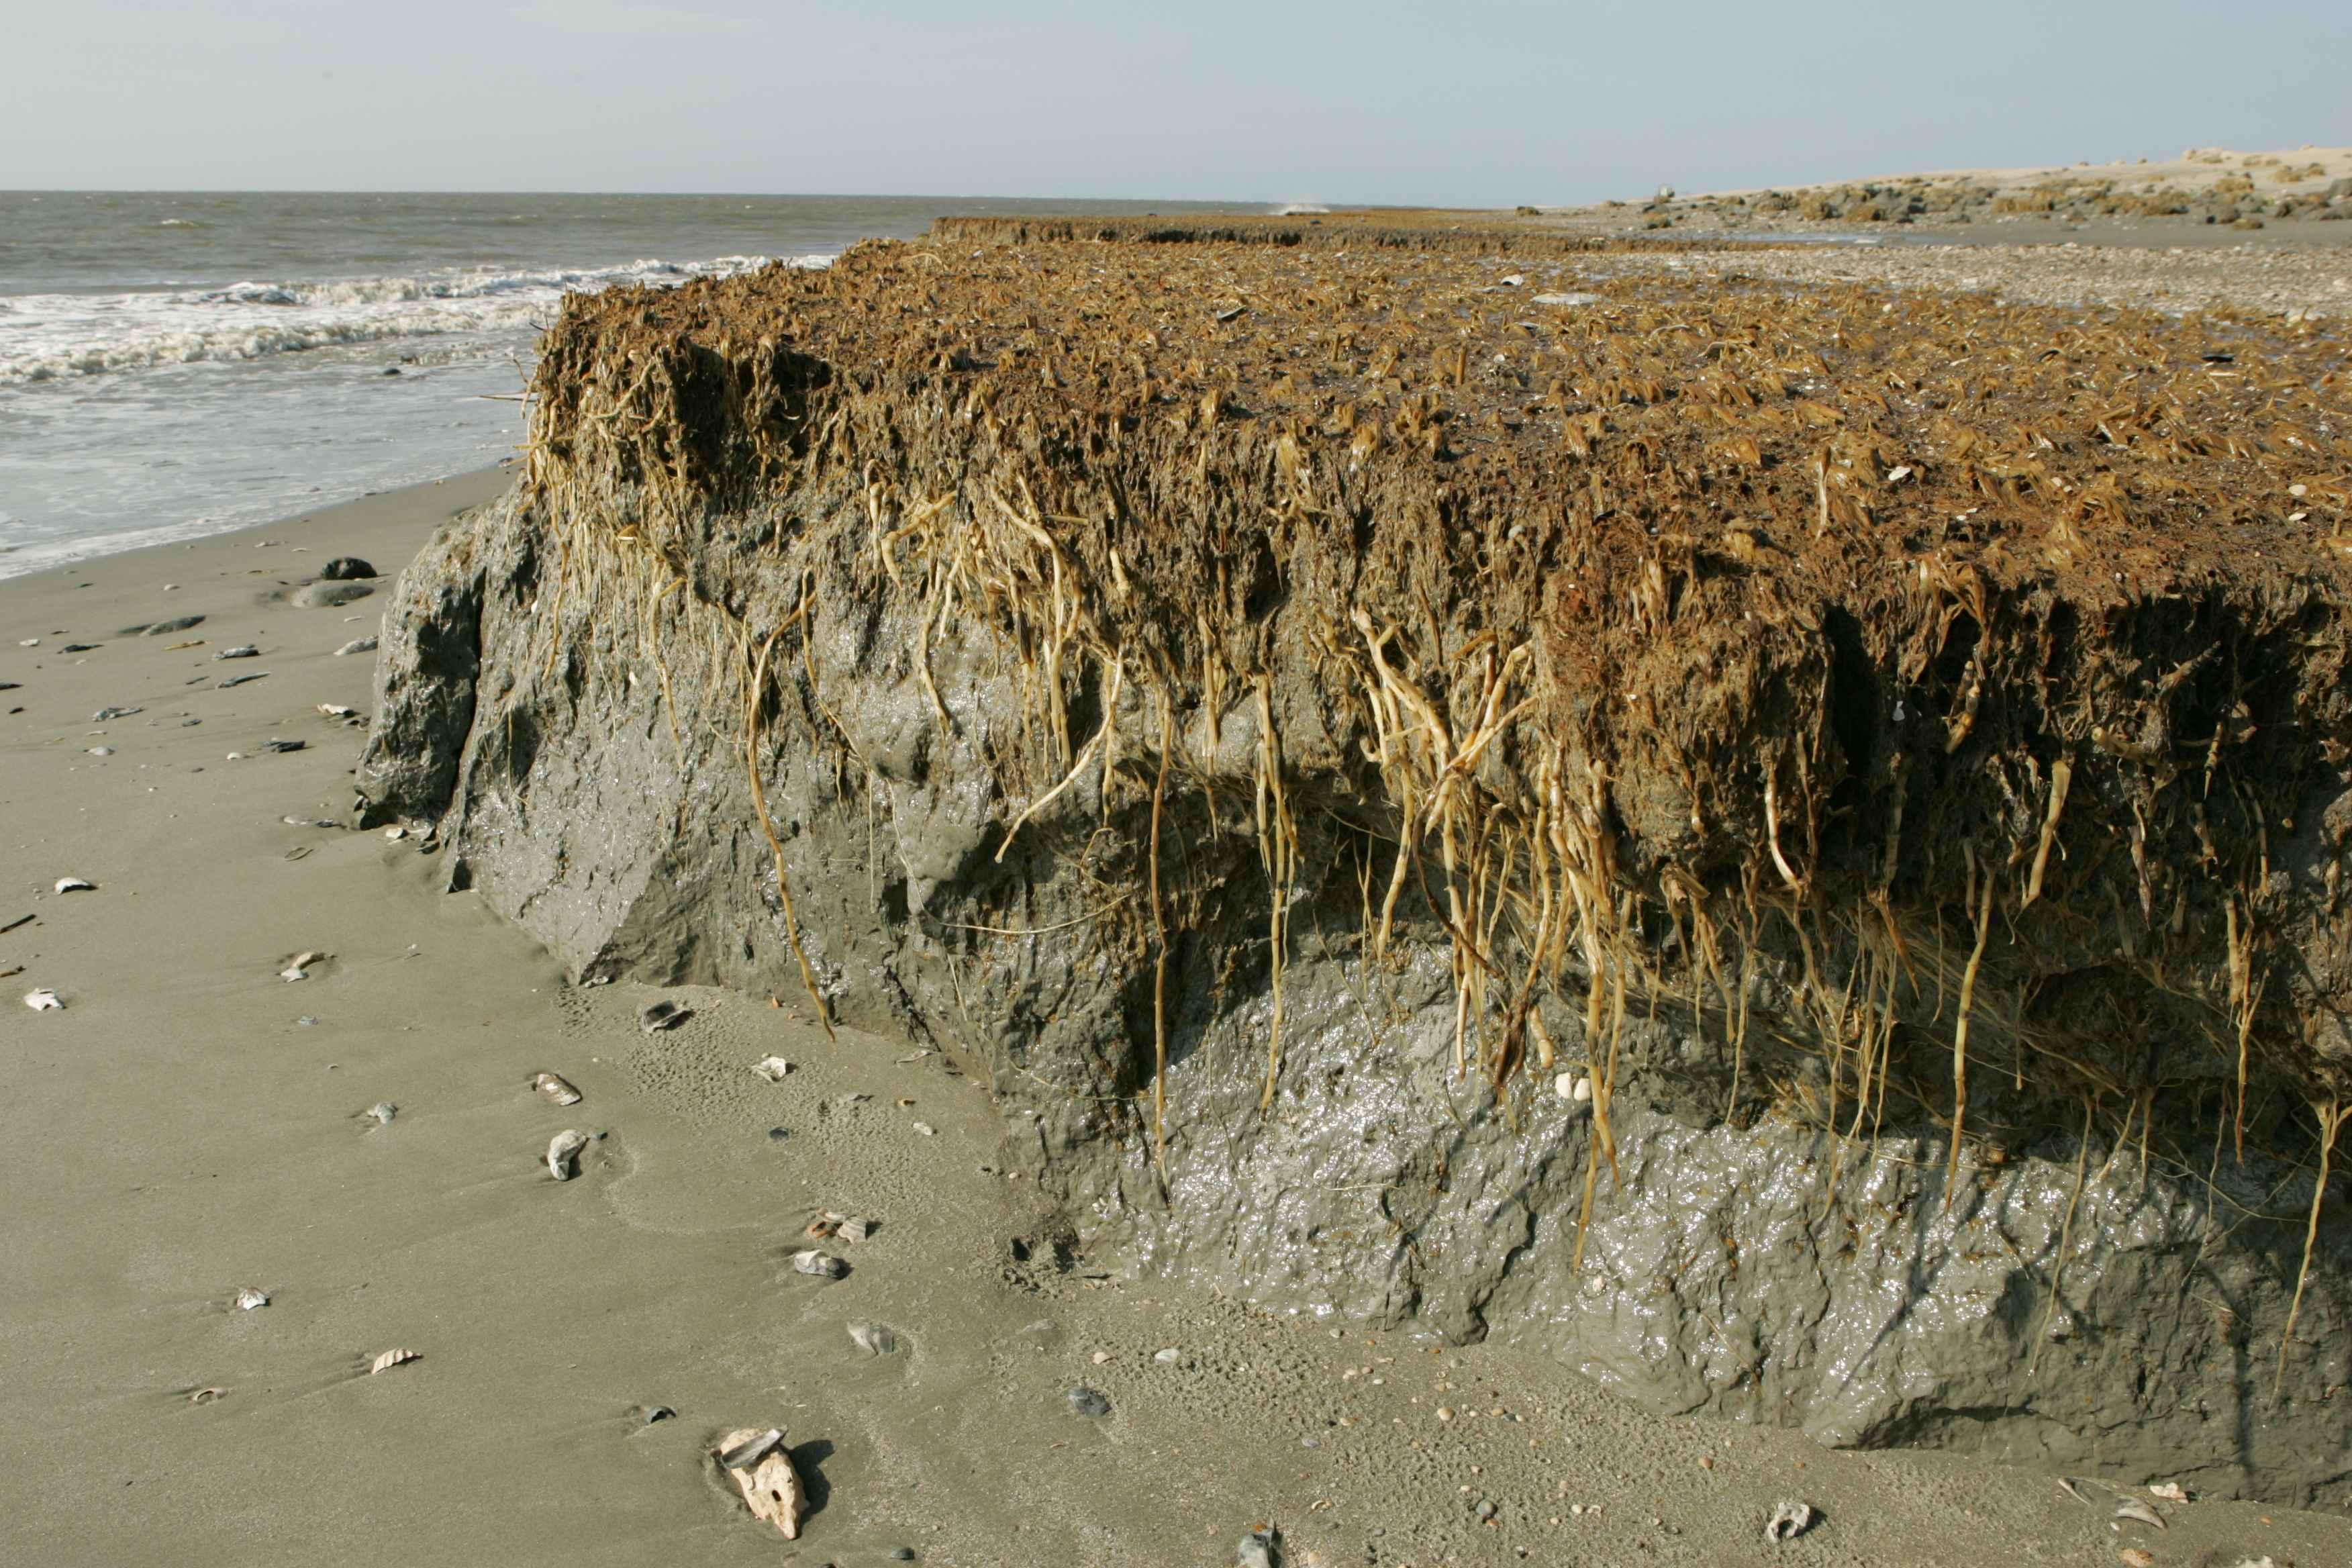 Kostenlose Bild: Strand, Erosion, Effekte, Küste